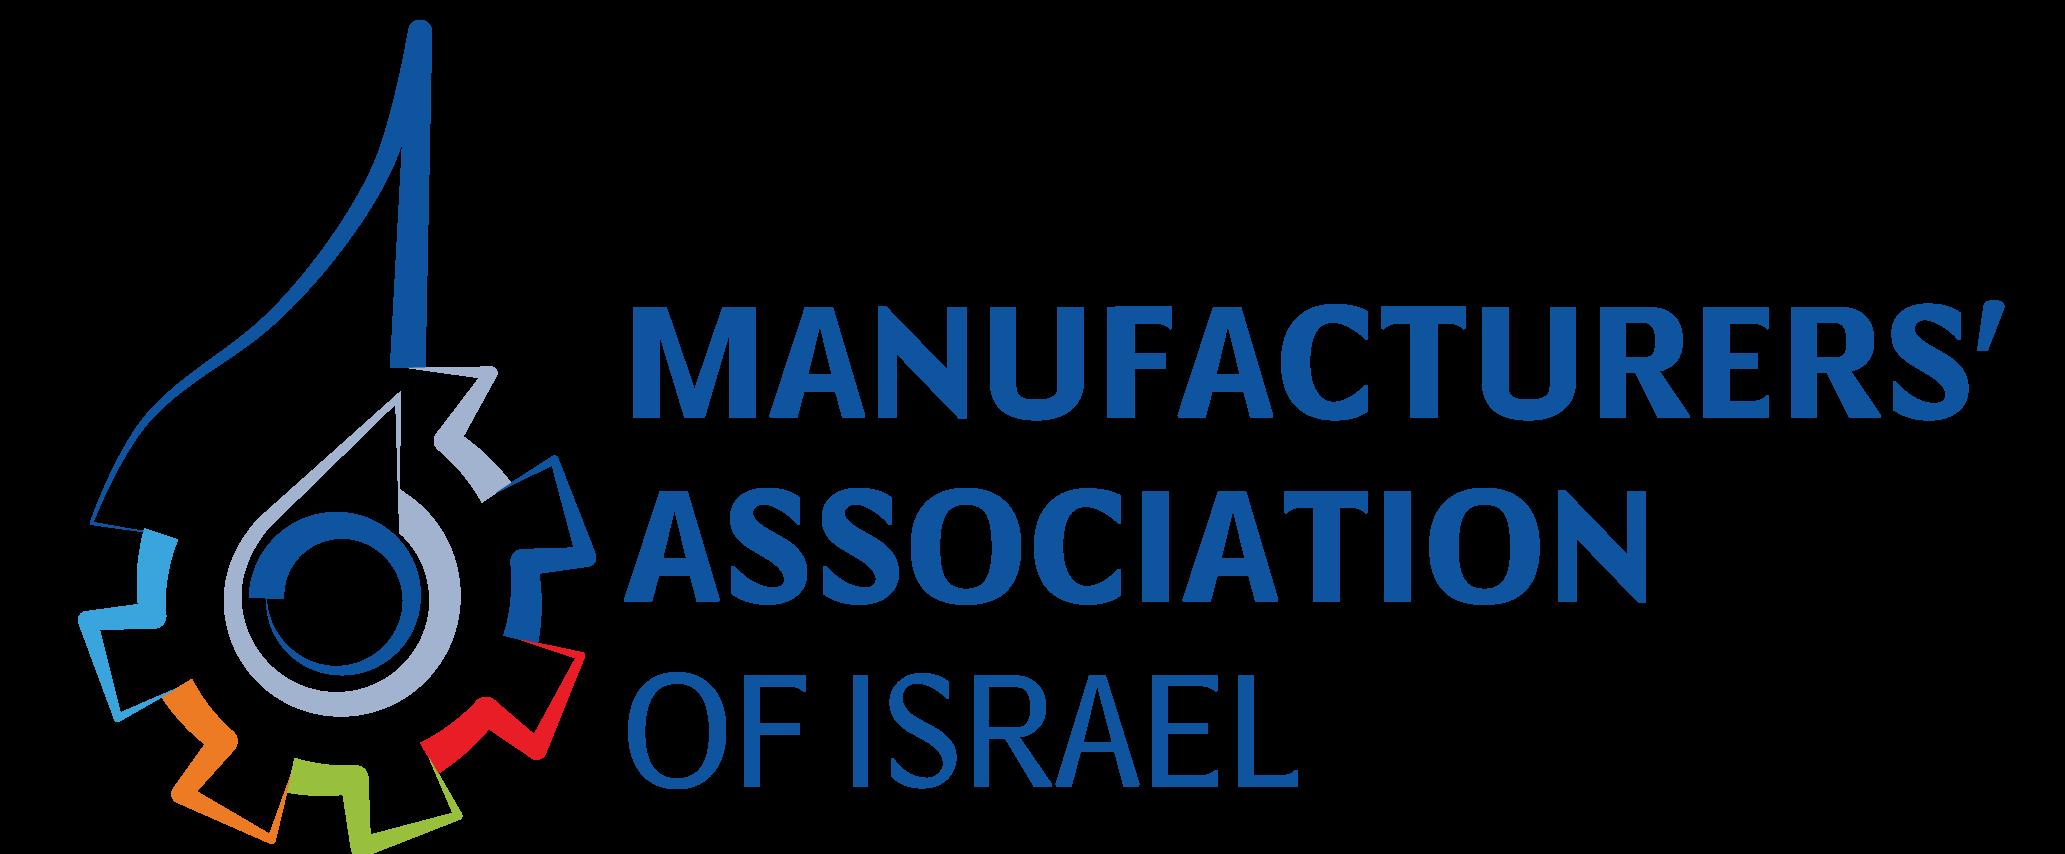 イスラエル製造業協会(MAI)